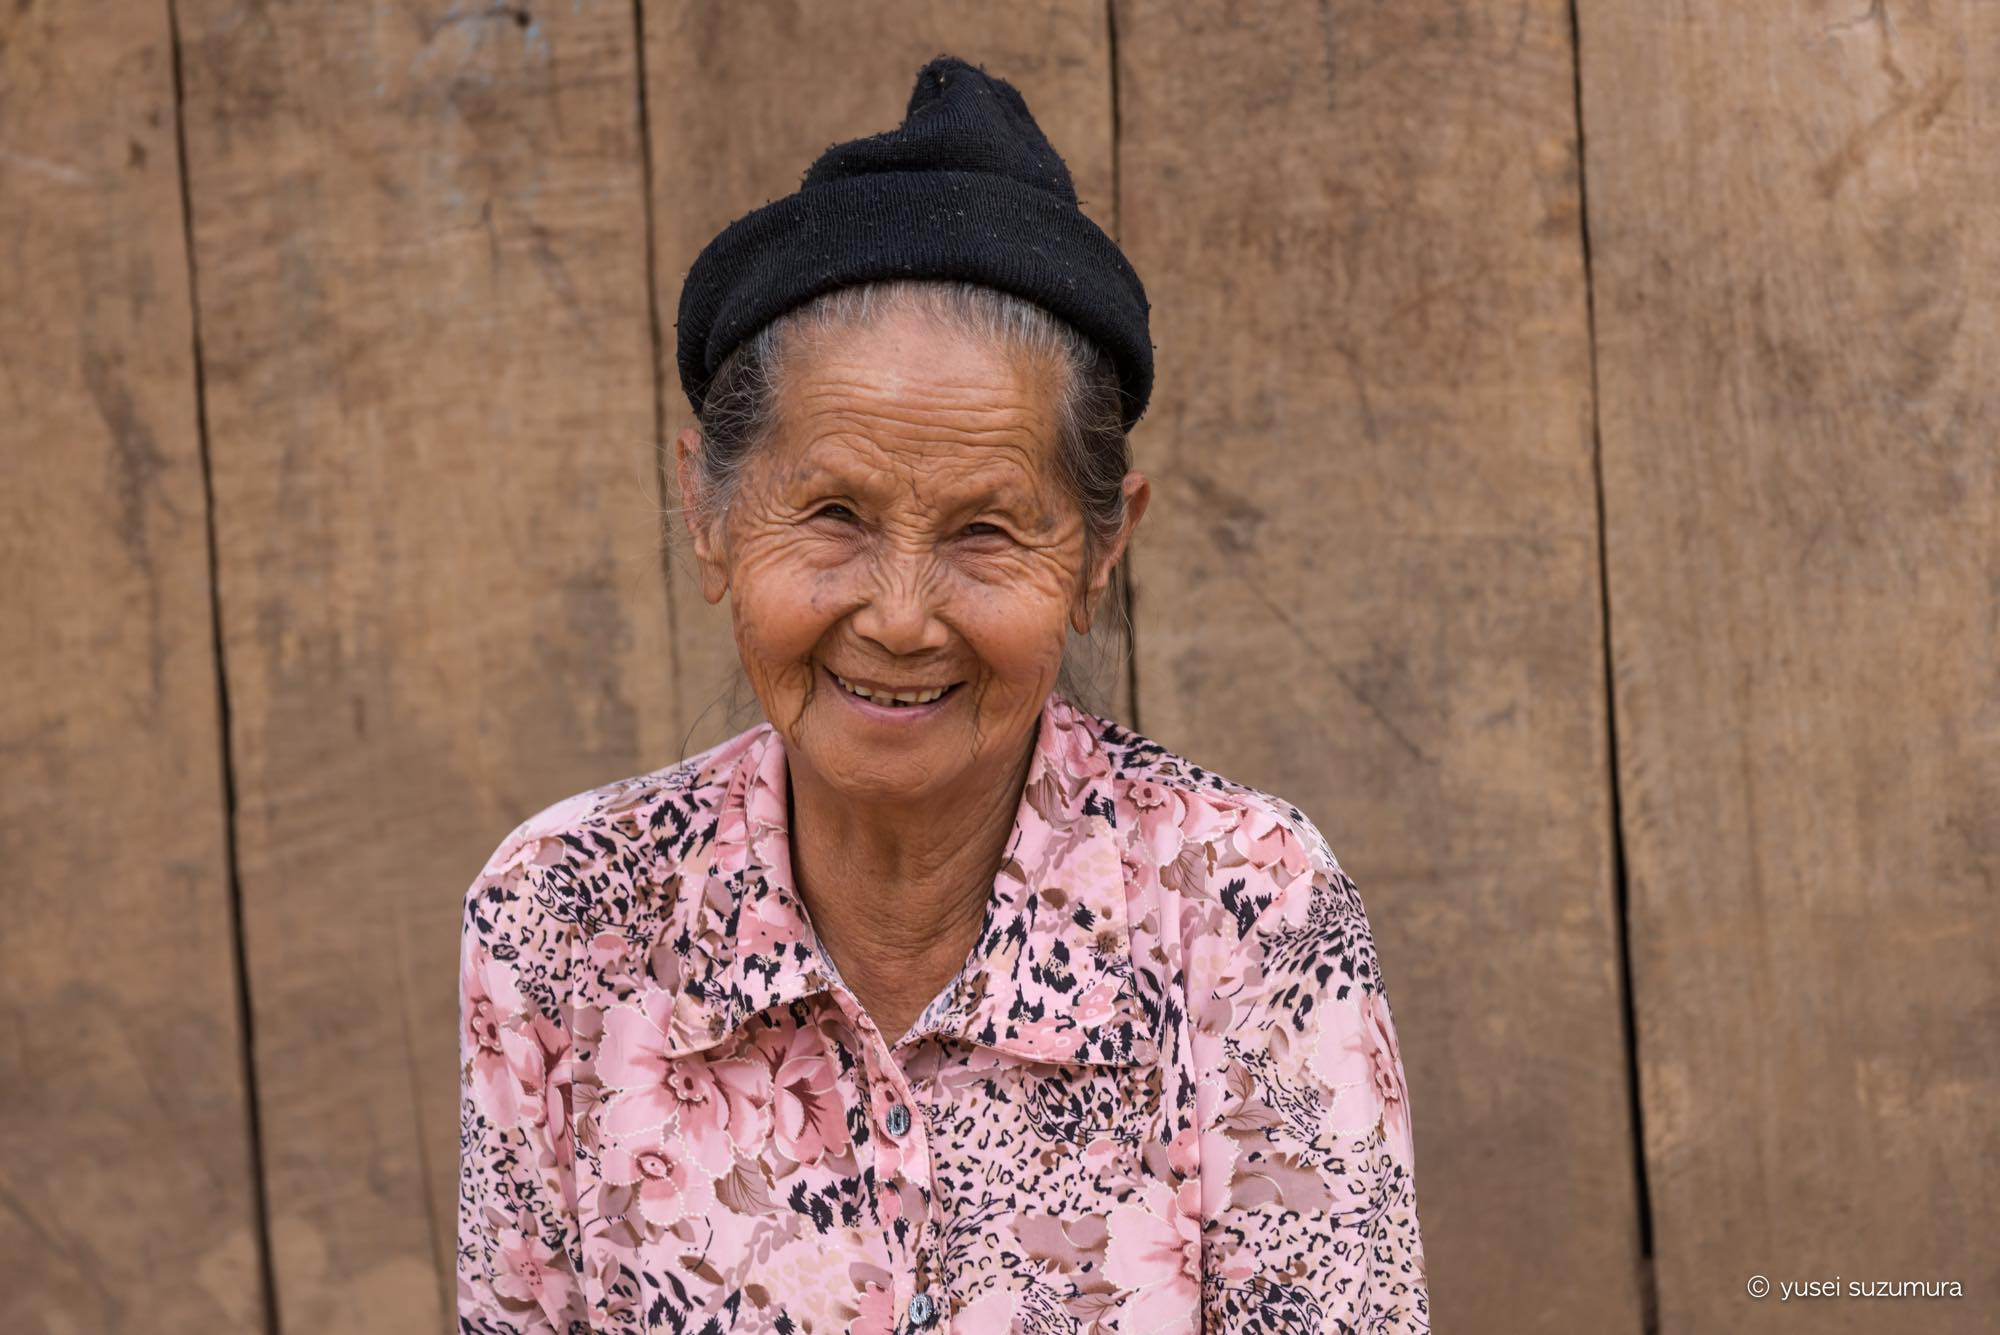 モン族 おばあちゃん